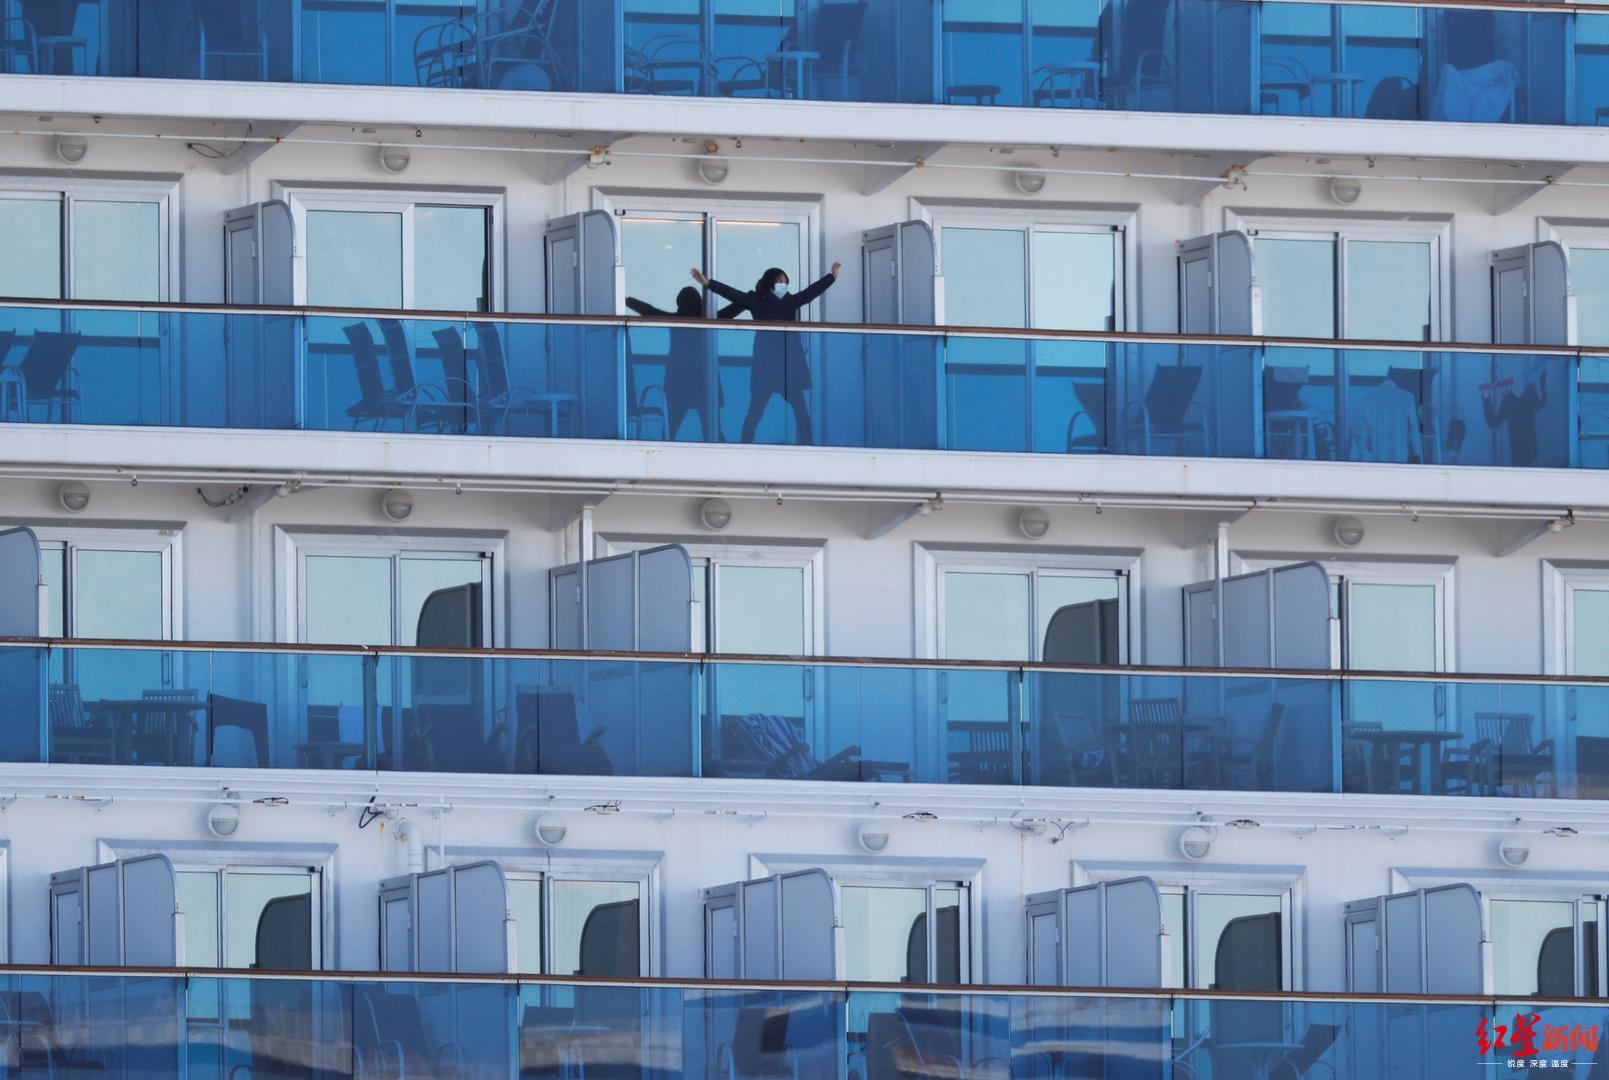 """被隔离的""""钻石公主""""号上,一名乘客在阳台上伸展身体 图据路透社"""